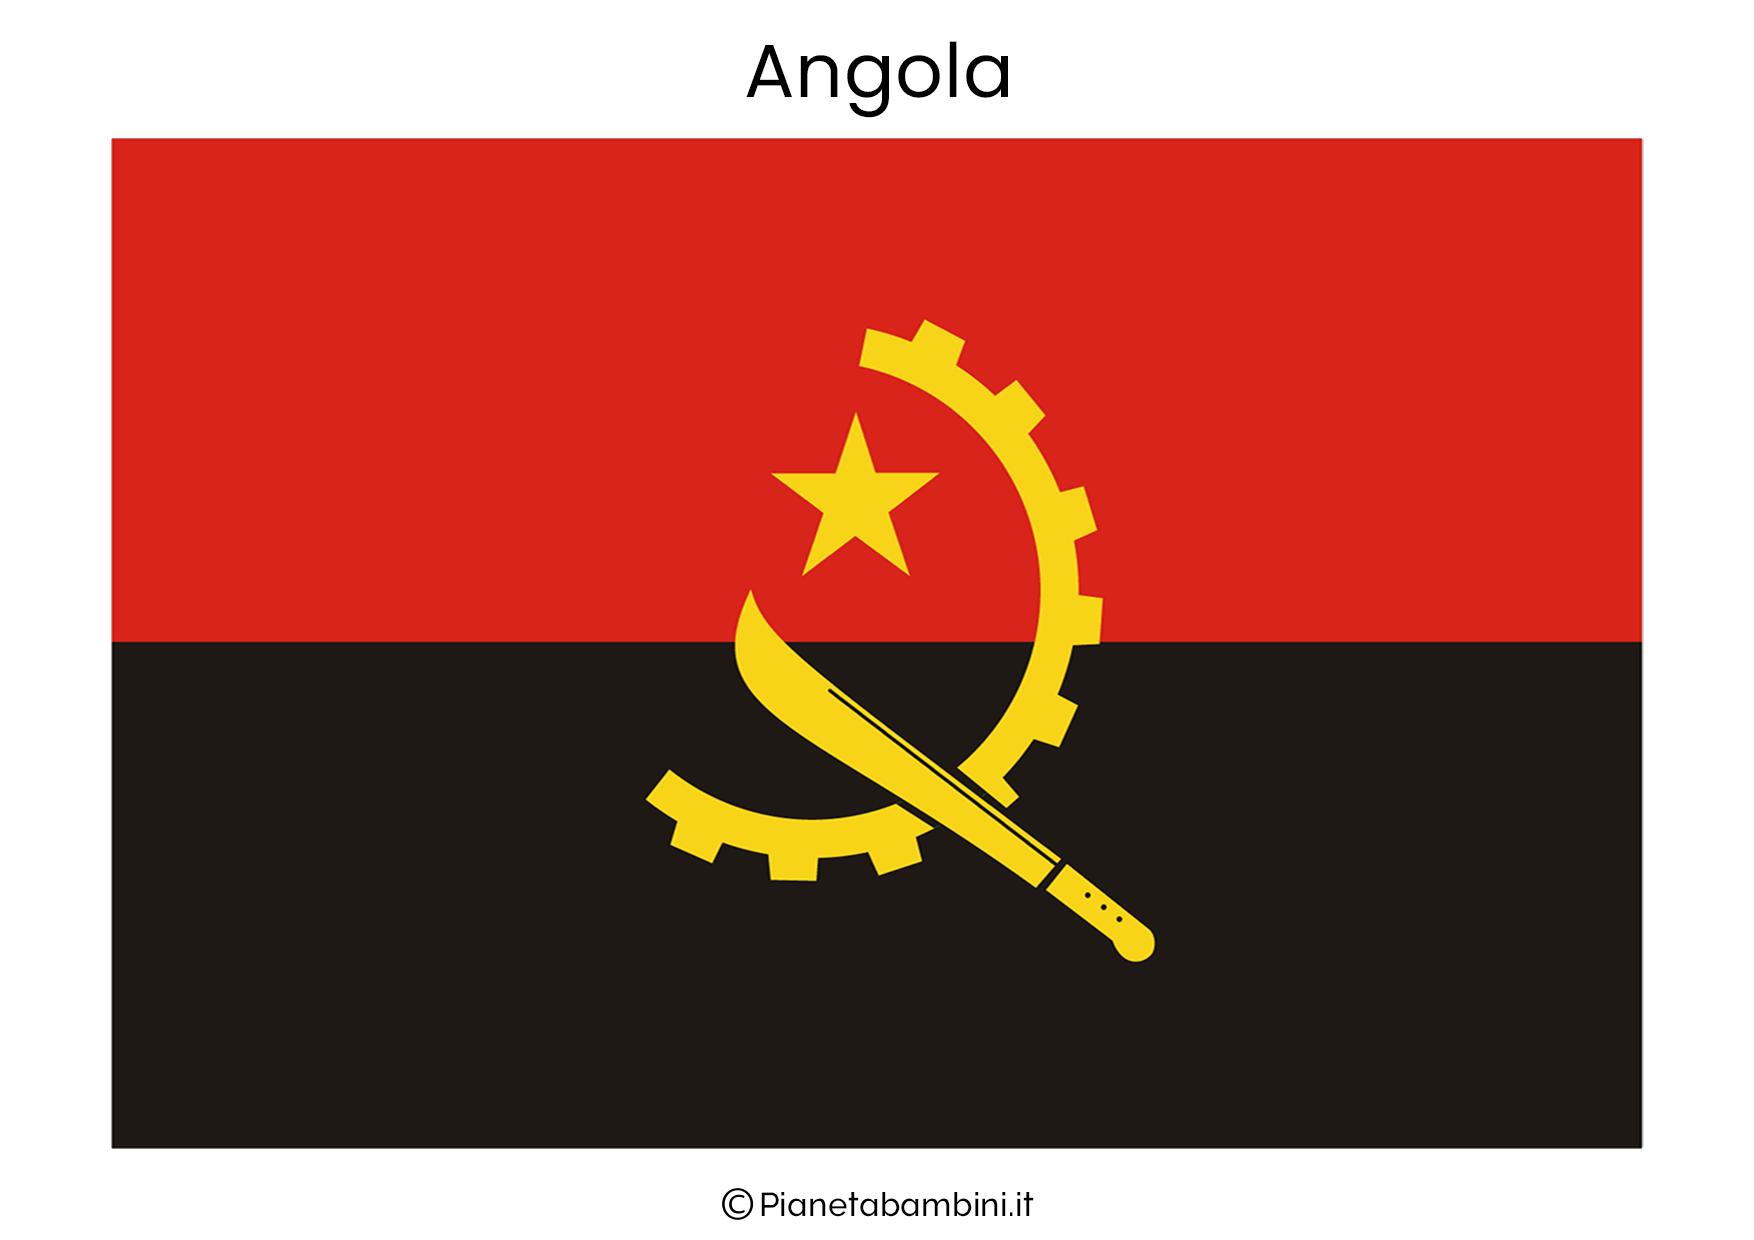 Bandiera dell'Angola da stampare